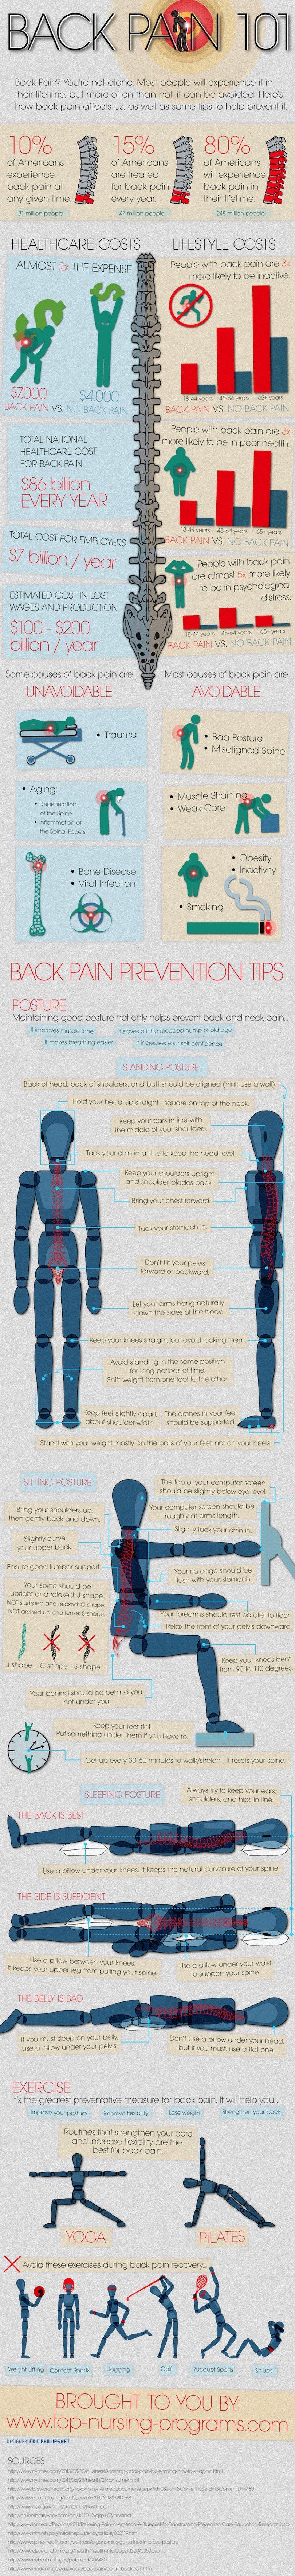 Сè што треба да знаете за болките во грбот